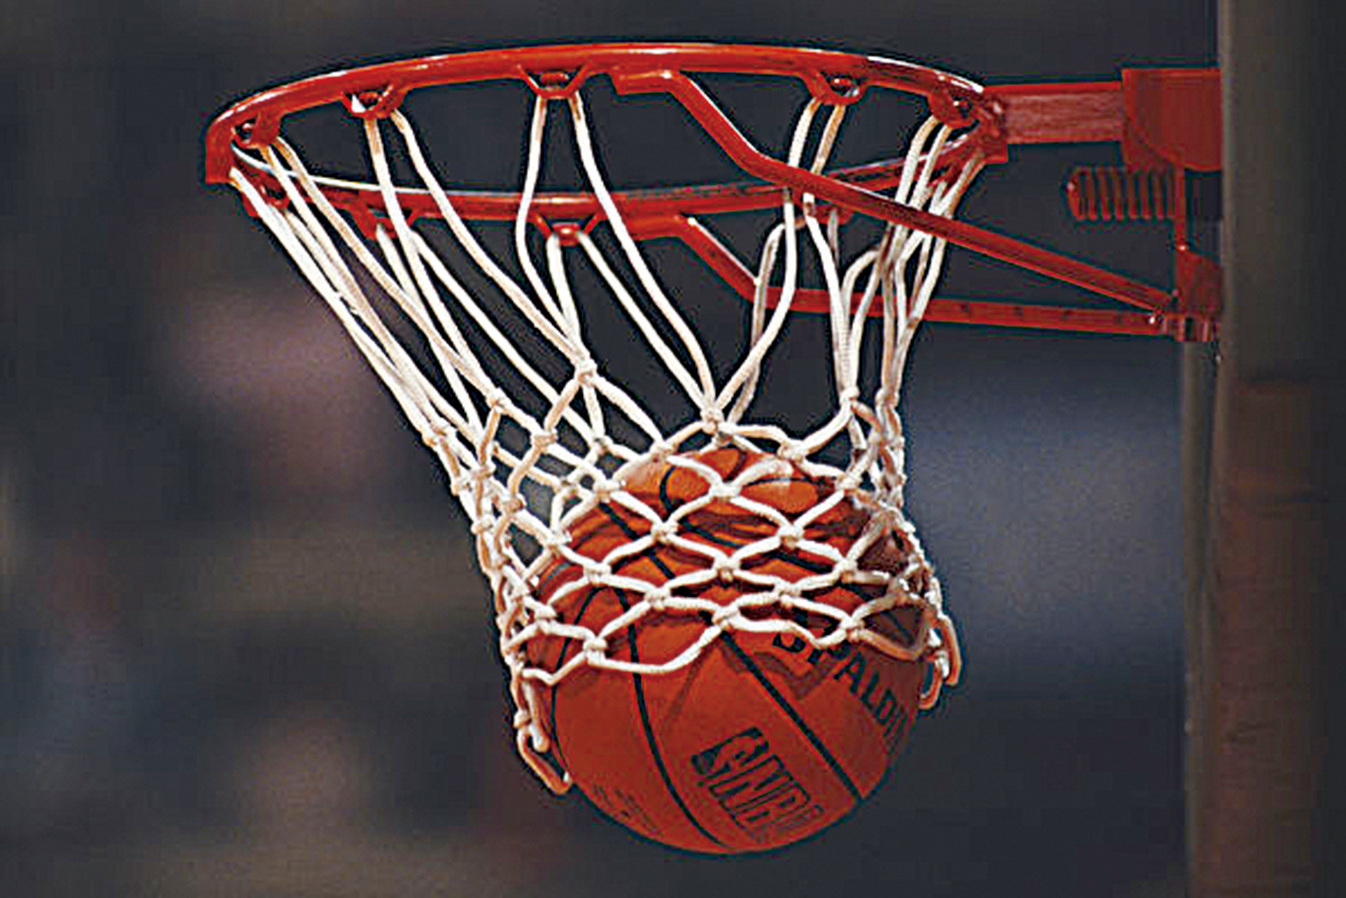 據報目前為止,NBA有7名球員確診感染中共肺炎。NBA近年跟中共越走越近,甚至一些人為了經濟利益向中共妥協。(Gray Mortimore/Getty Images)